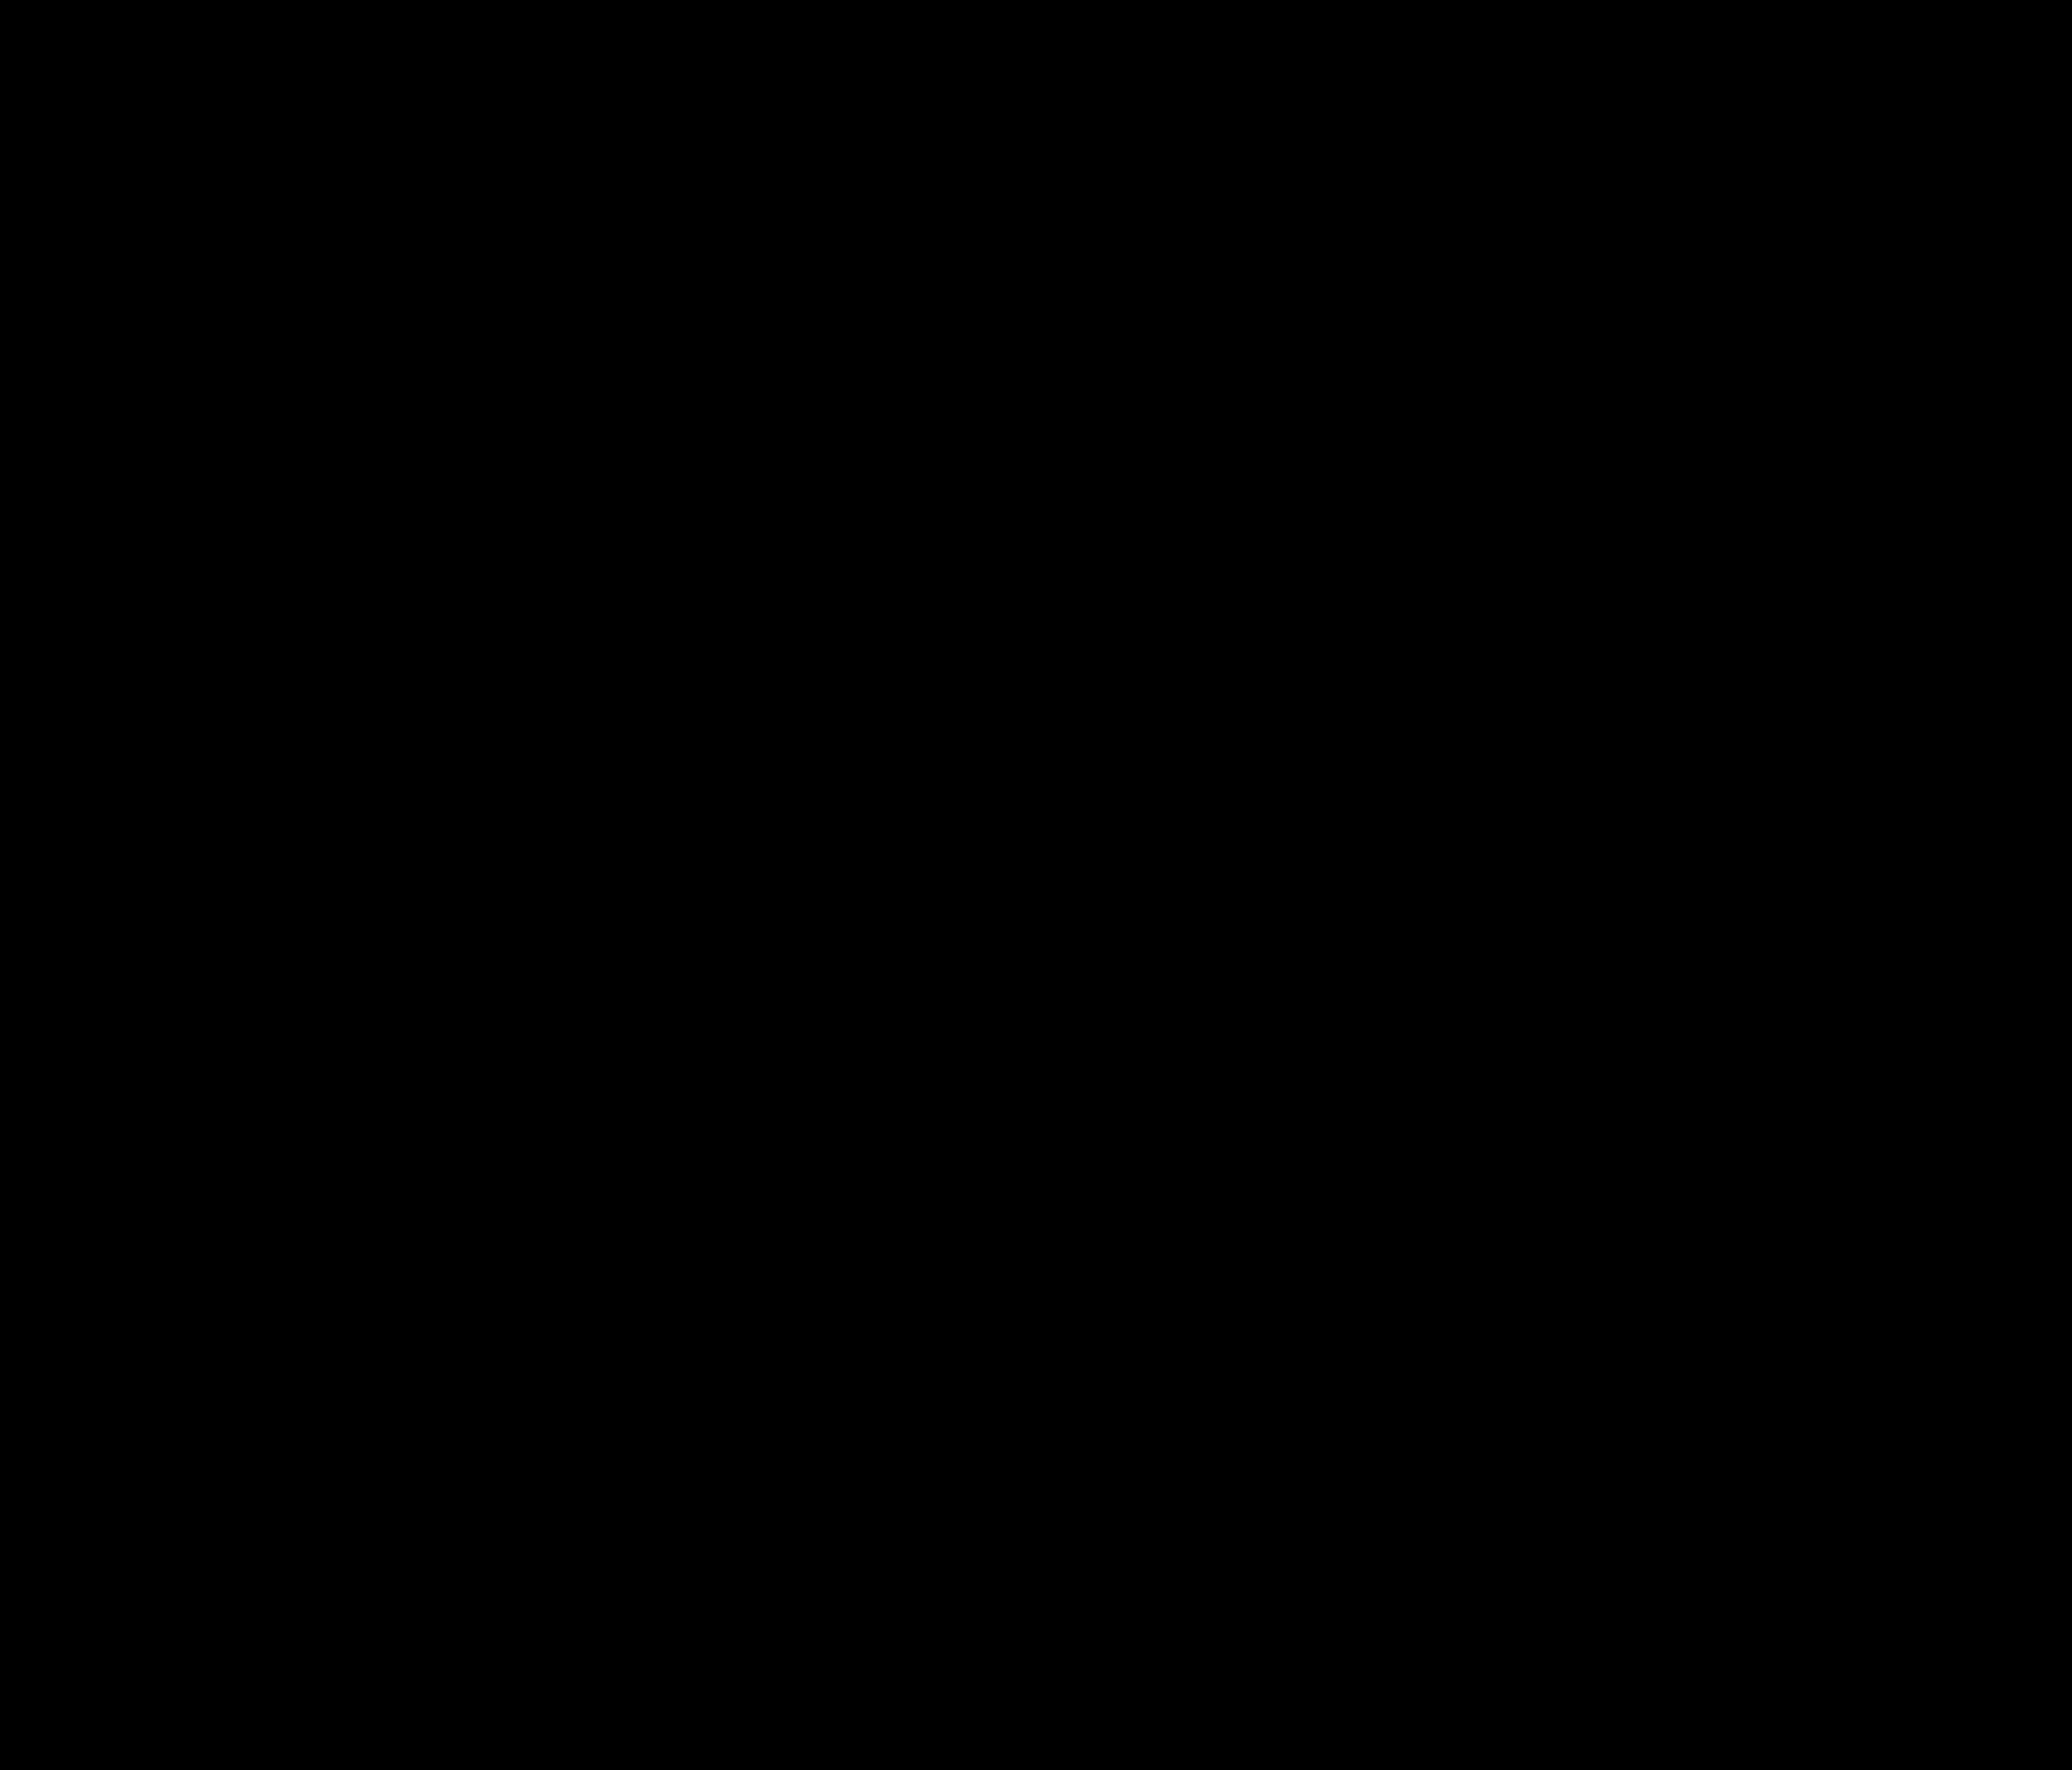 ゆめみ茶屋(ユメミチャヤ)